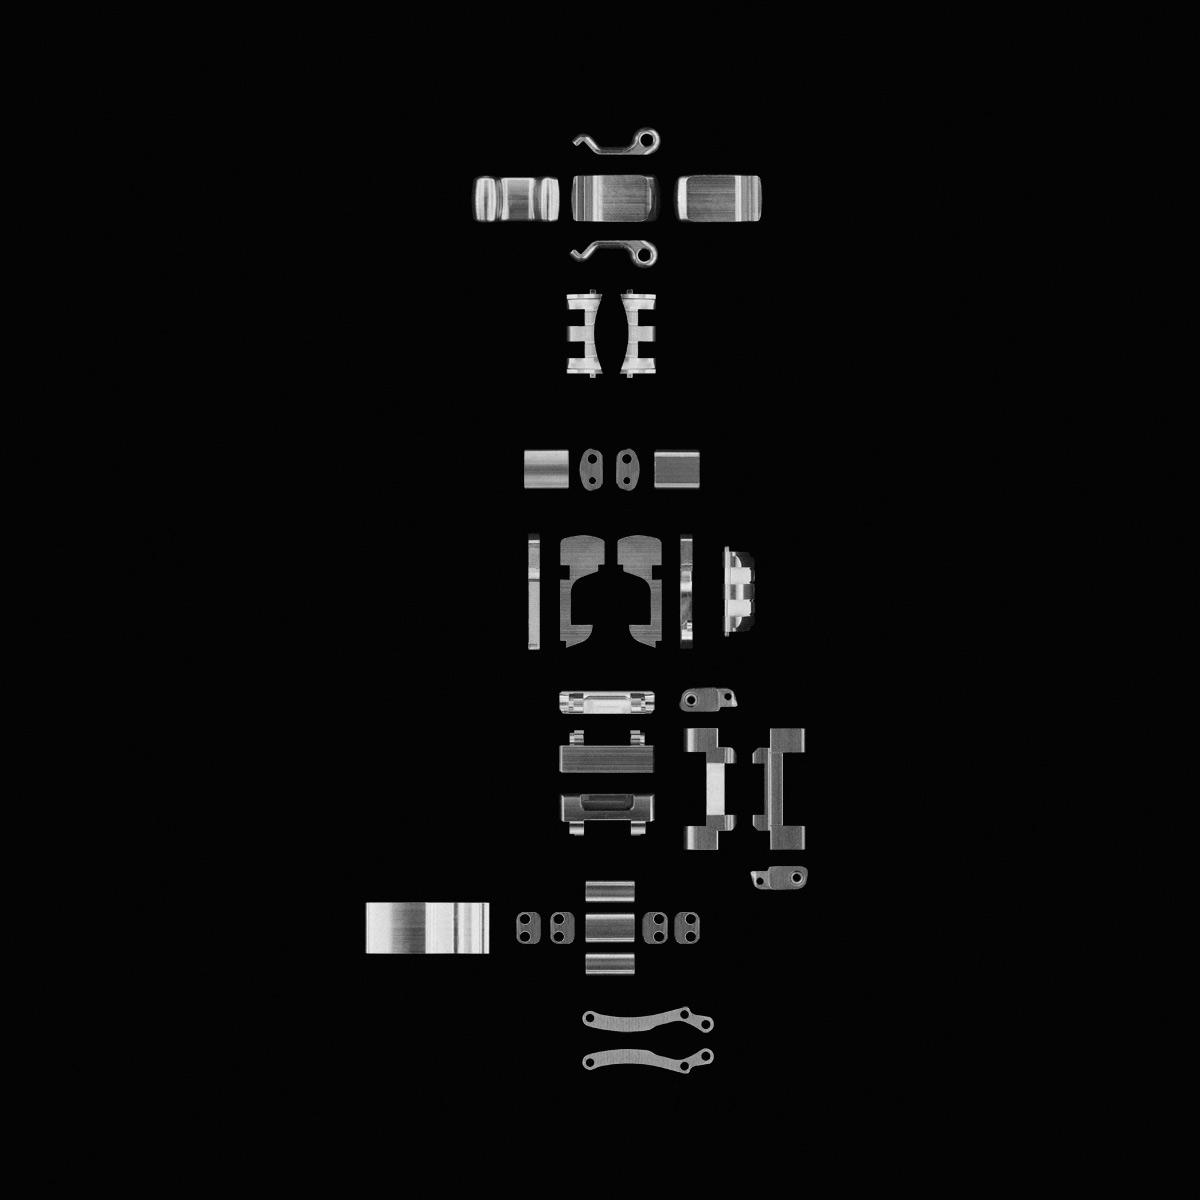 Microtechnique produit des composants de précision pour l'habillement horloger haut de gamme